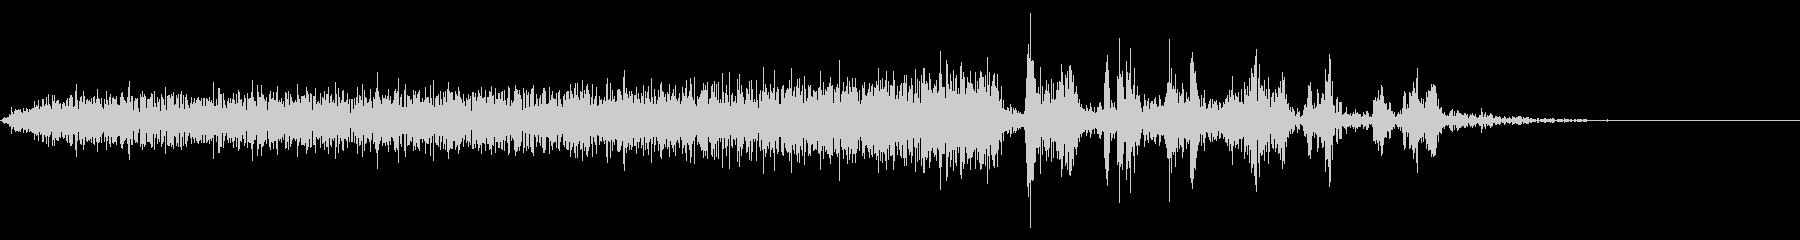 【生録音】本のページをめくる音 8の未再生の波形